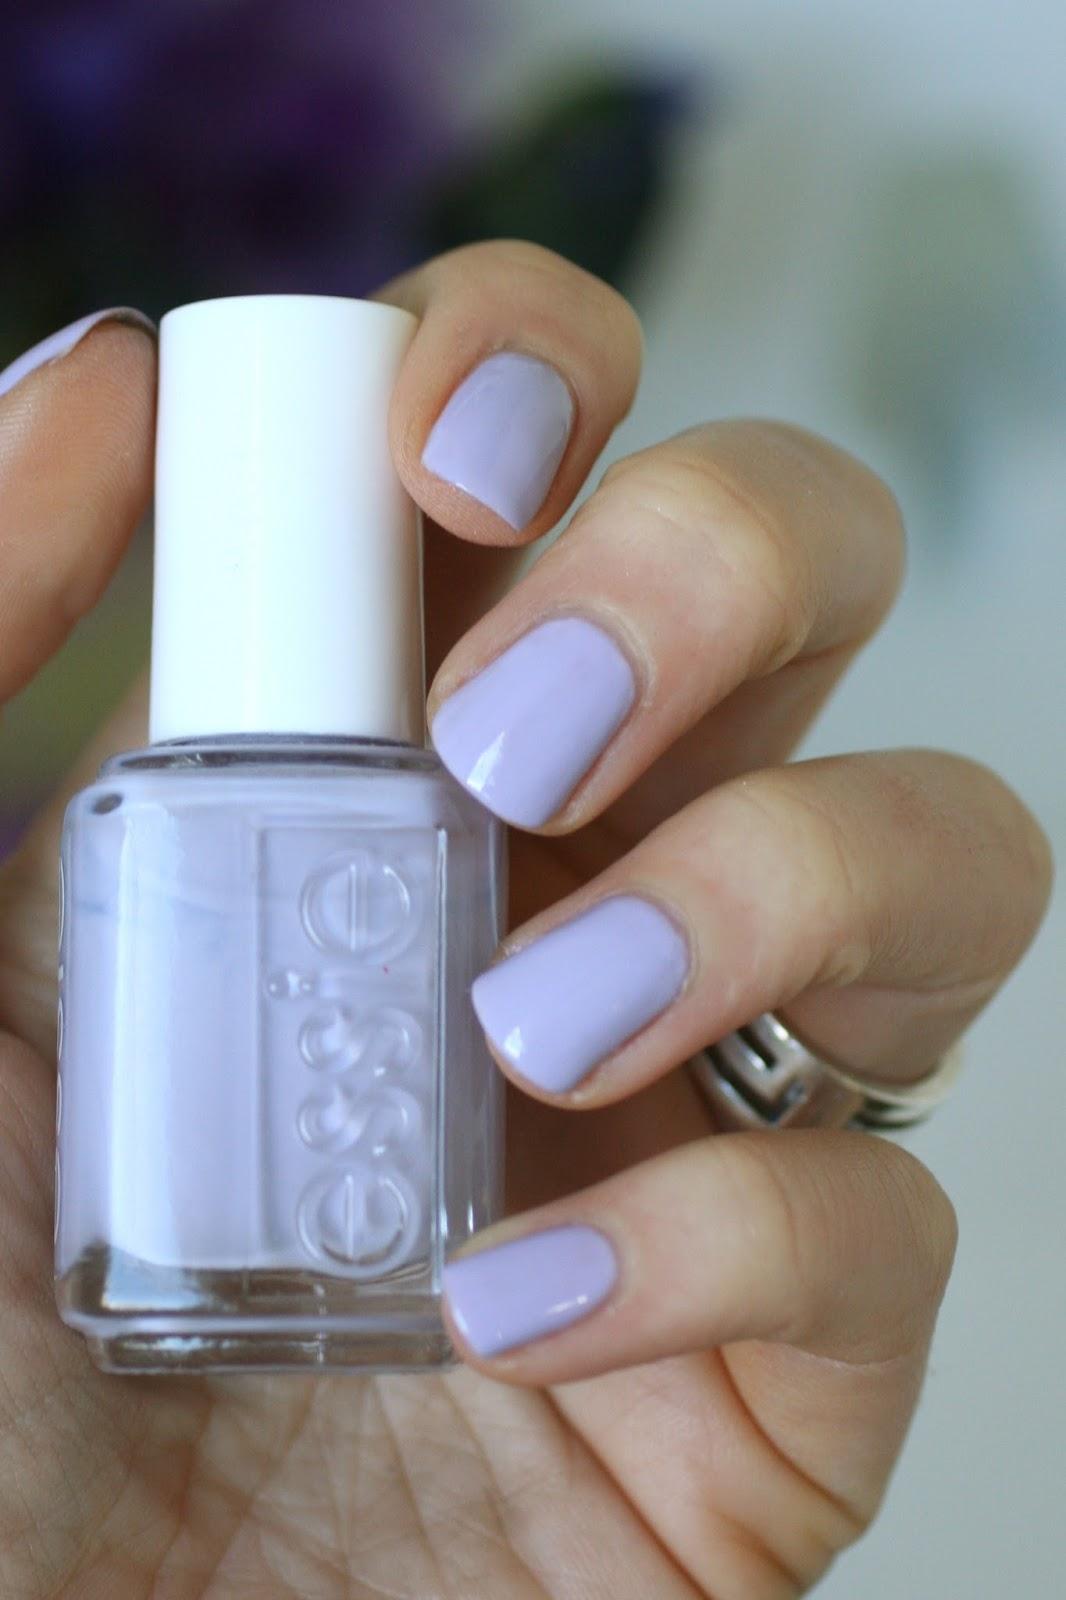 Essie Soft Purples Comparison : Under Where?, Play Date